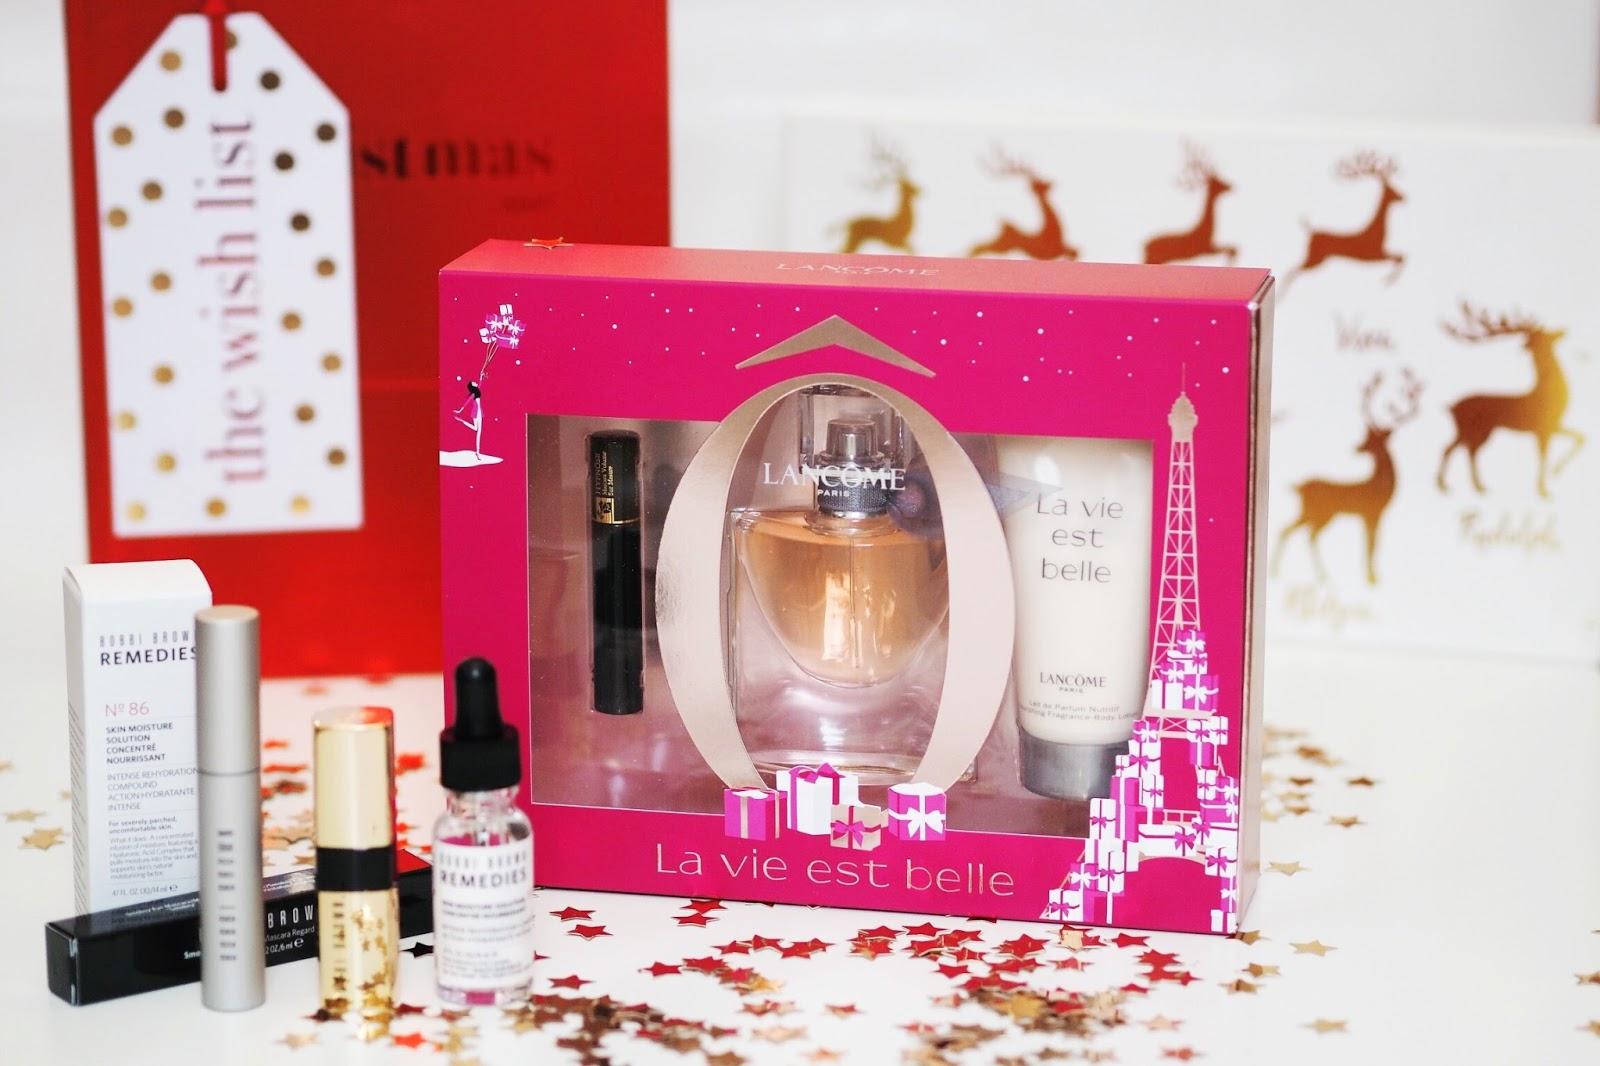 Lancome gift set Bobbi Brown House of Fraser Christmas